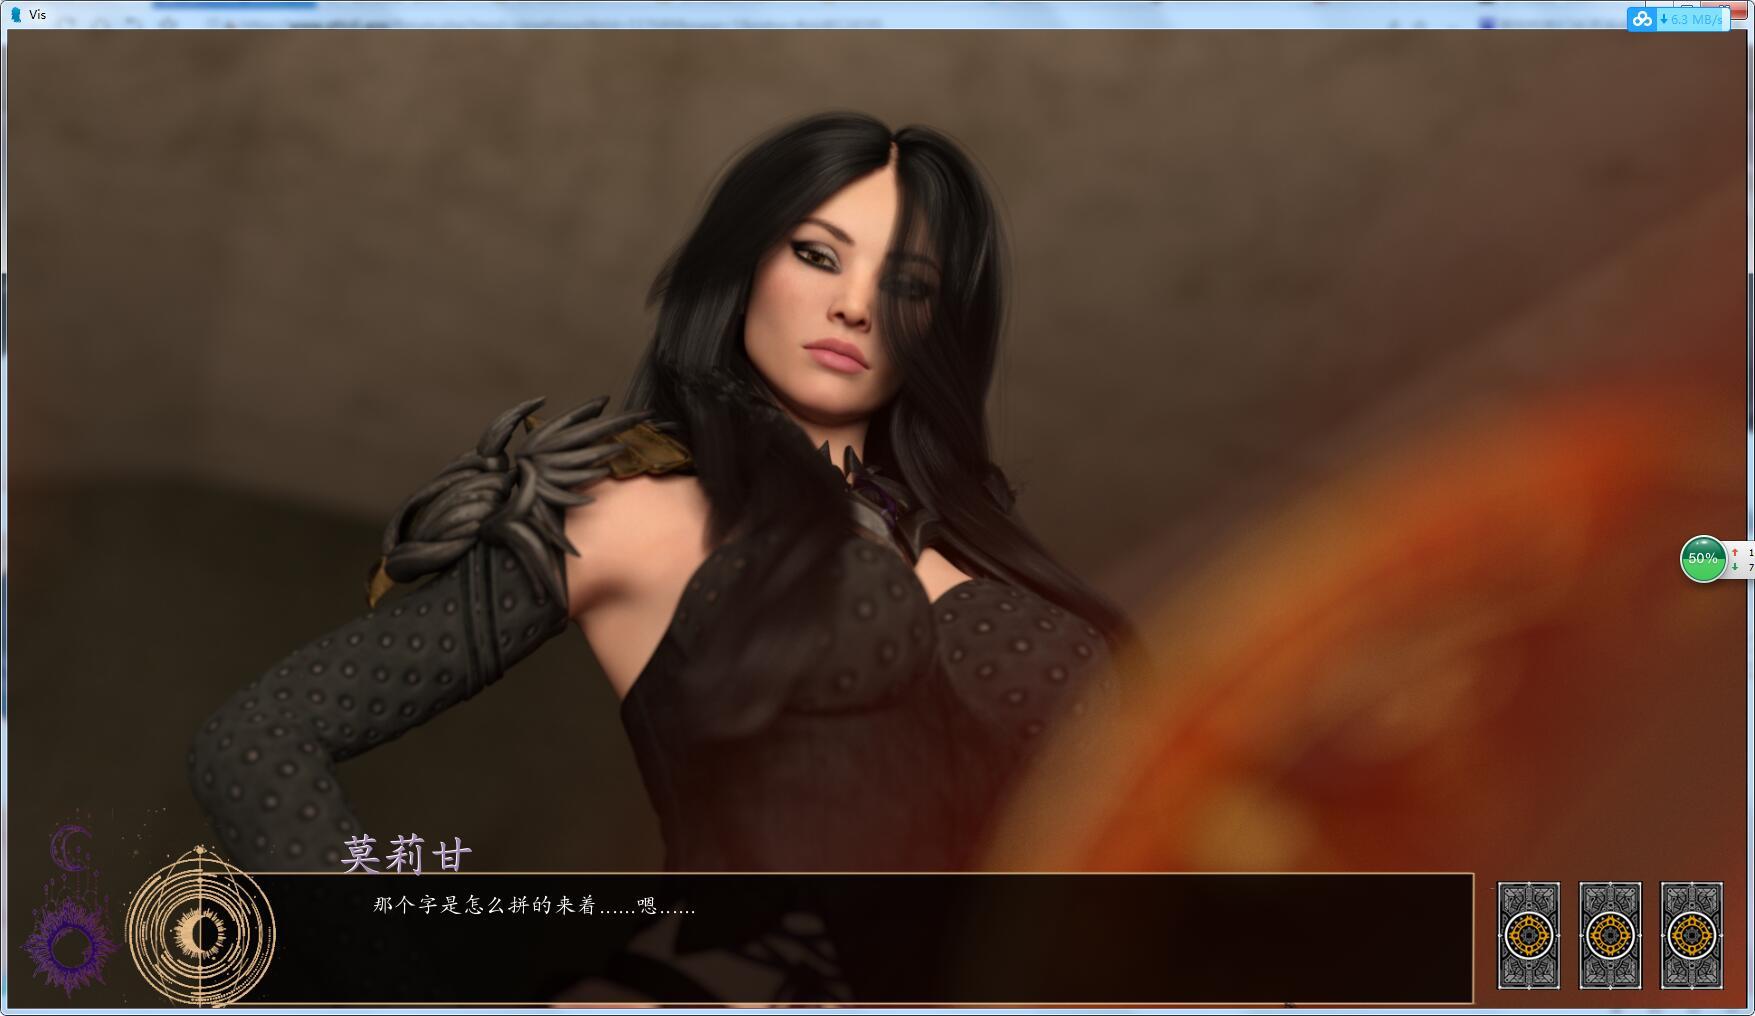 王子的奇幻冒险Vis V0.5 汉化版【新作/SLG/PC+安卓版/1.9G/0558】